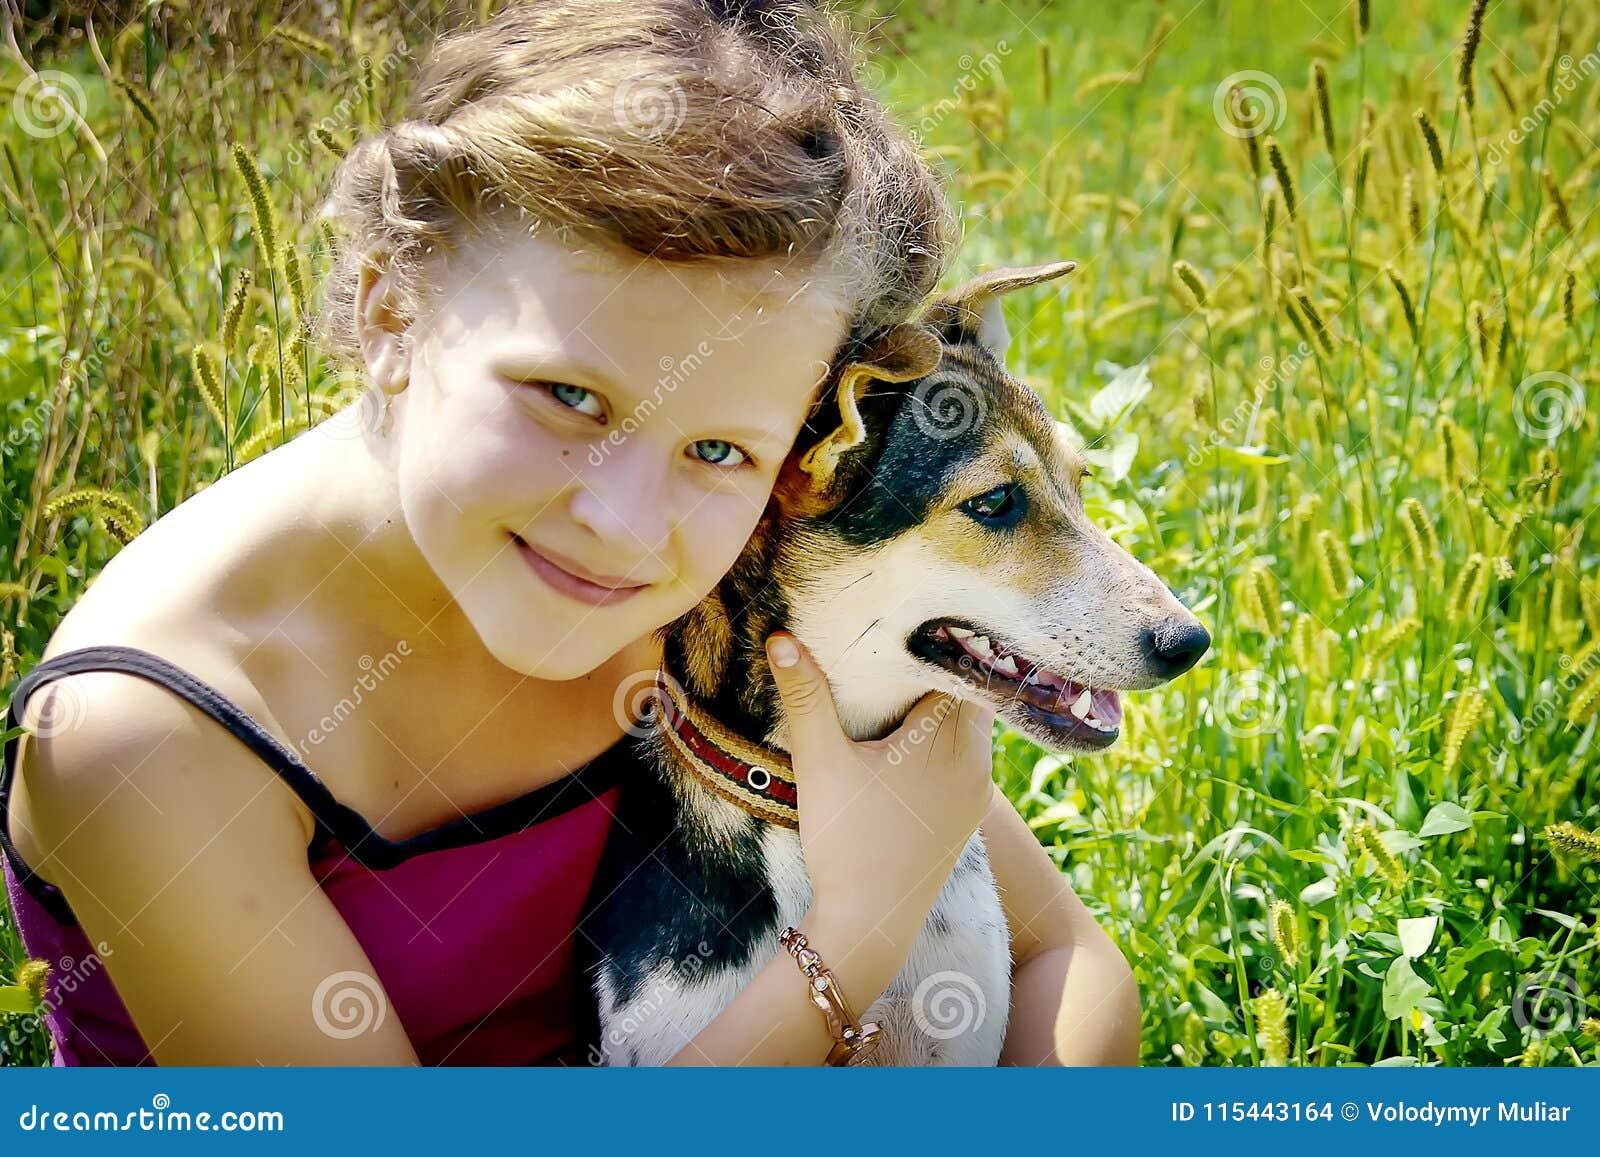 Mädchen haftete ihrem Hund an und fühlt sich glücklich Guter Tag von summer_